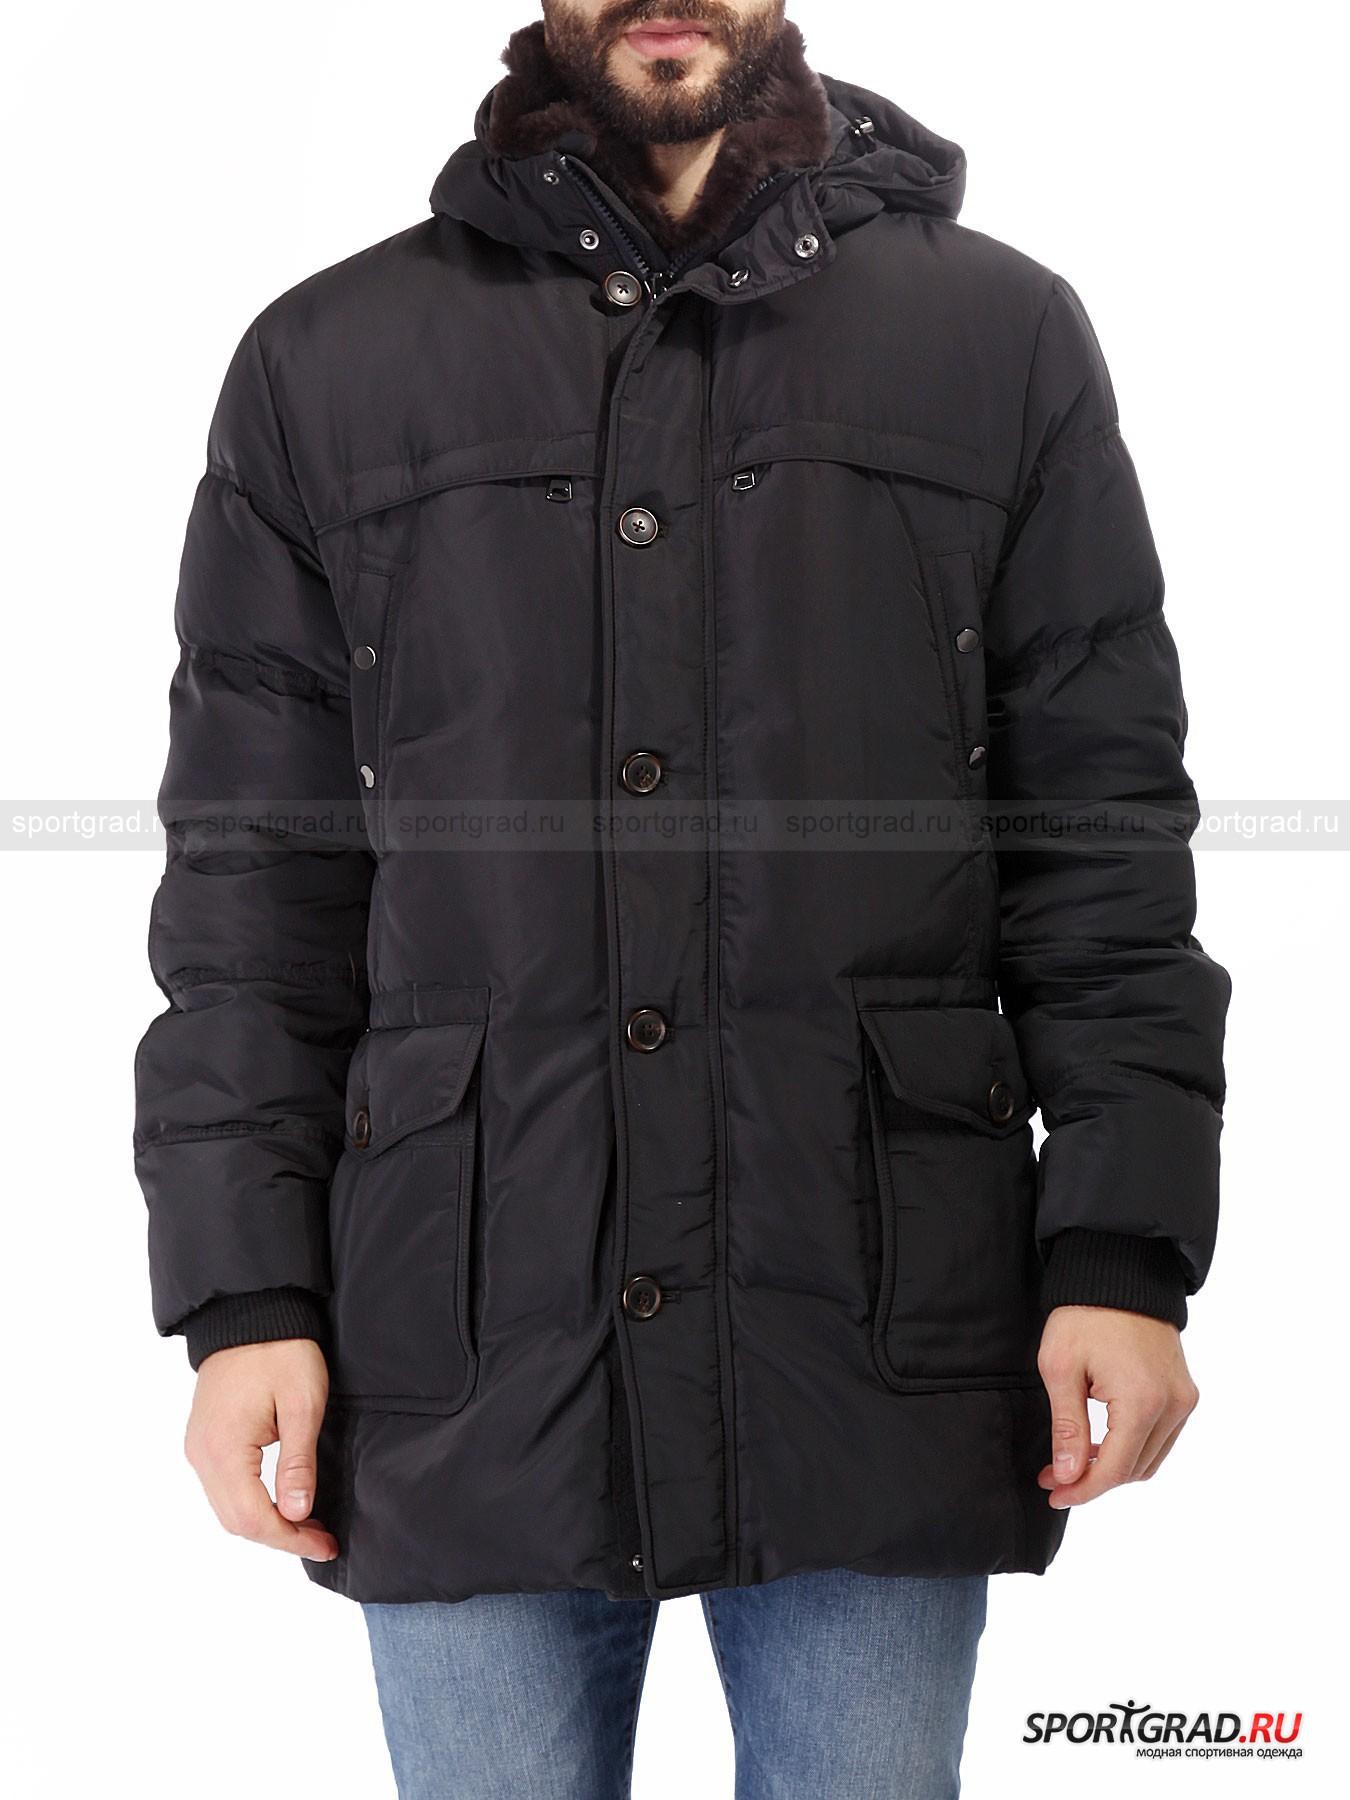 Мужская куртка MABRUN DenazioКуртки<br>Mabrun – итальянский бренд, берущий свое начало в 30-х годах прошлого века. Основной специализацией компании является производство стильной и качественной верхней одежды.<br><br>Представленная мужская зимняя куртка Denazio – настоящий мультипокет. Такого большого количества внешних, внутренних и скрытых карманов очень трудно найти на аналогичных предметах верхней одежды. Модель изготовлена из прочного синтетического материала, а в качестве утеплителя использованы пух и перо. Элегантный внешний вид – ключевая особенность данной куртки, которая дополняется изысканной и практичной отделкой ворота натуральным мехом. <br><br>•Съемный утепленный капюшон с утяжками<br>•Съемная меховая отделка ворота<br>•Фронтальная молния с системой реверса<br>•Дублирующий фронтальную молнию ряд пуговиц<br>•2 двойных поясных кармана, 4 нагрудных <br>•3 внутренних кармана<br>•Манжеты рукавов оснащены дублирующим слоем на запястье<br><br>Пол: Мужской<br>Возраст: Взрослый<br>Тип: Куртки<br>Рекомендации по уходу: Деликатная стирка при 30С, не отбеливать, не сушить в барабане стиральной машины, гладить при температуре не выше 110С, химчистка разрешена.<br>Состав: 100% полиэстер, утеплитель – 50% пух/50% перо, отделка капюшона – 100% натуральный мех.